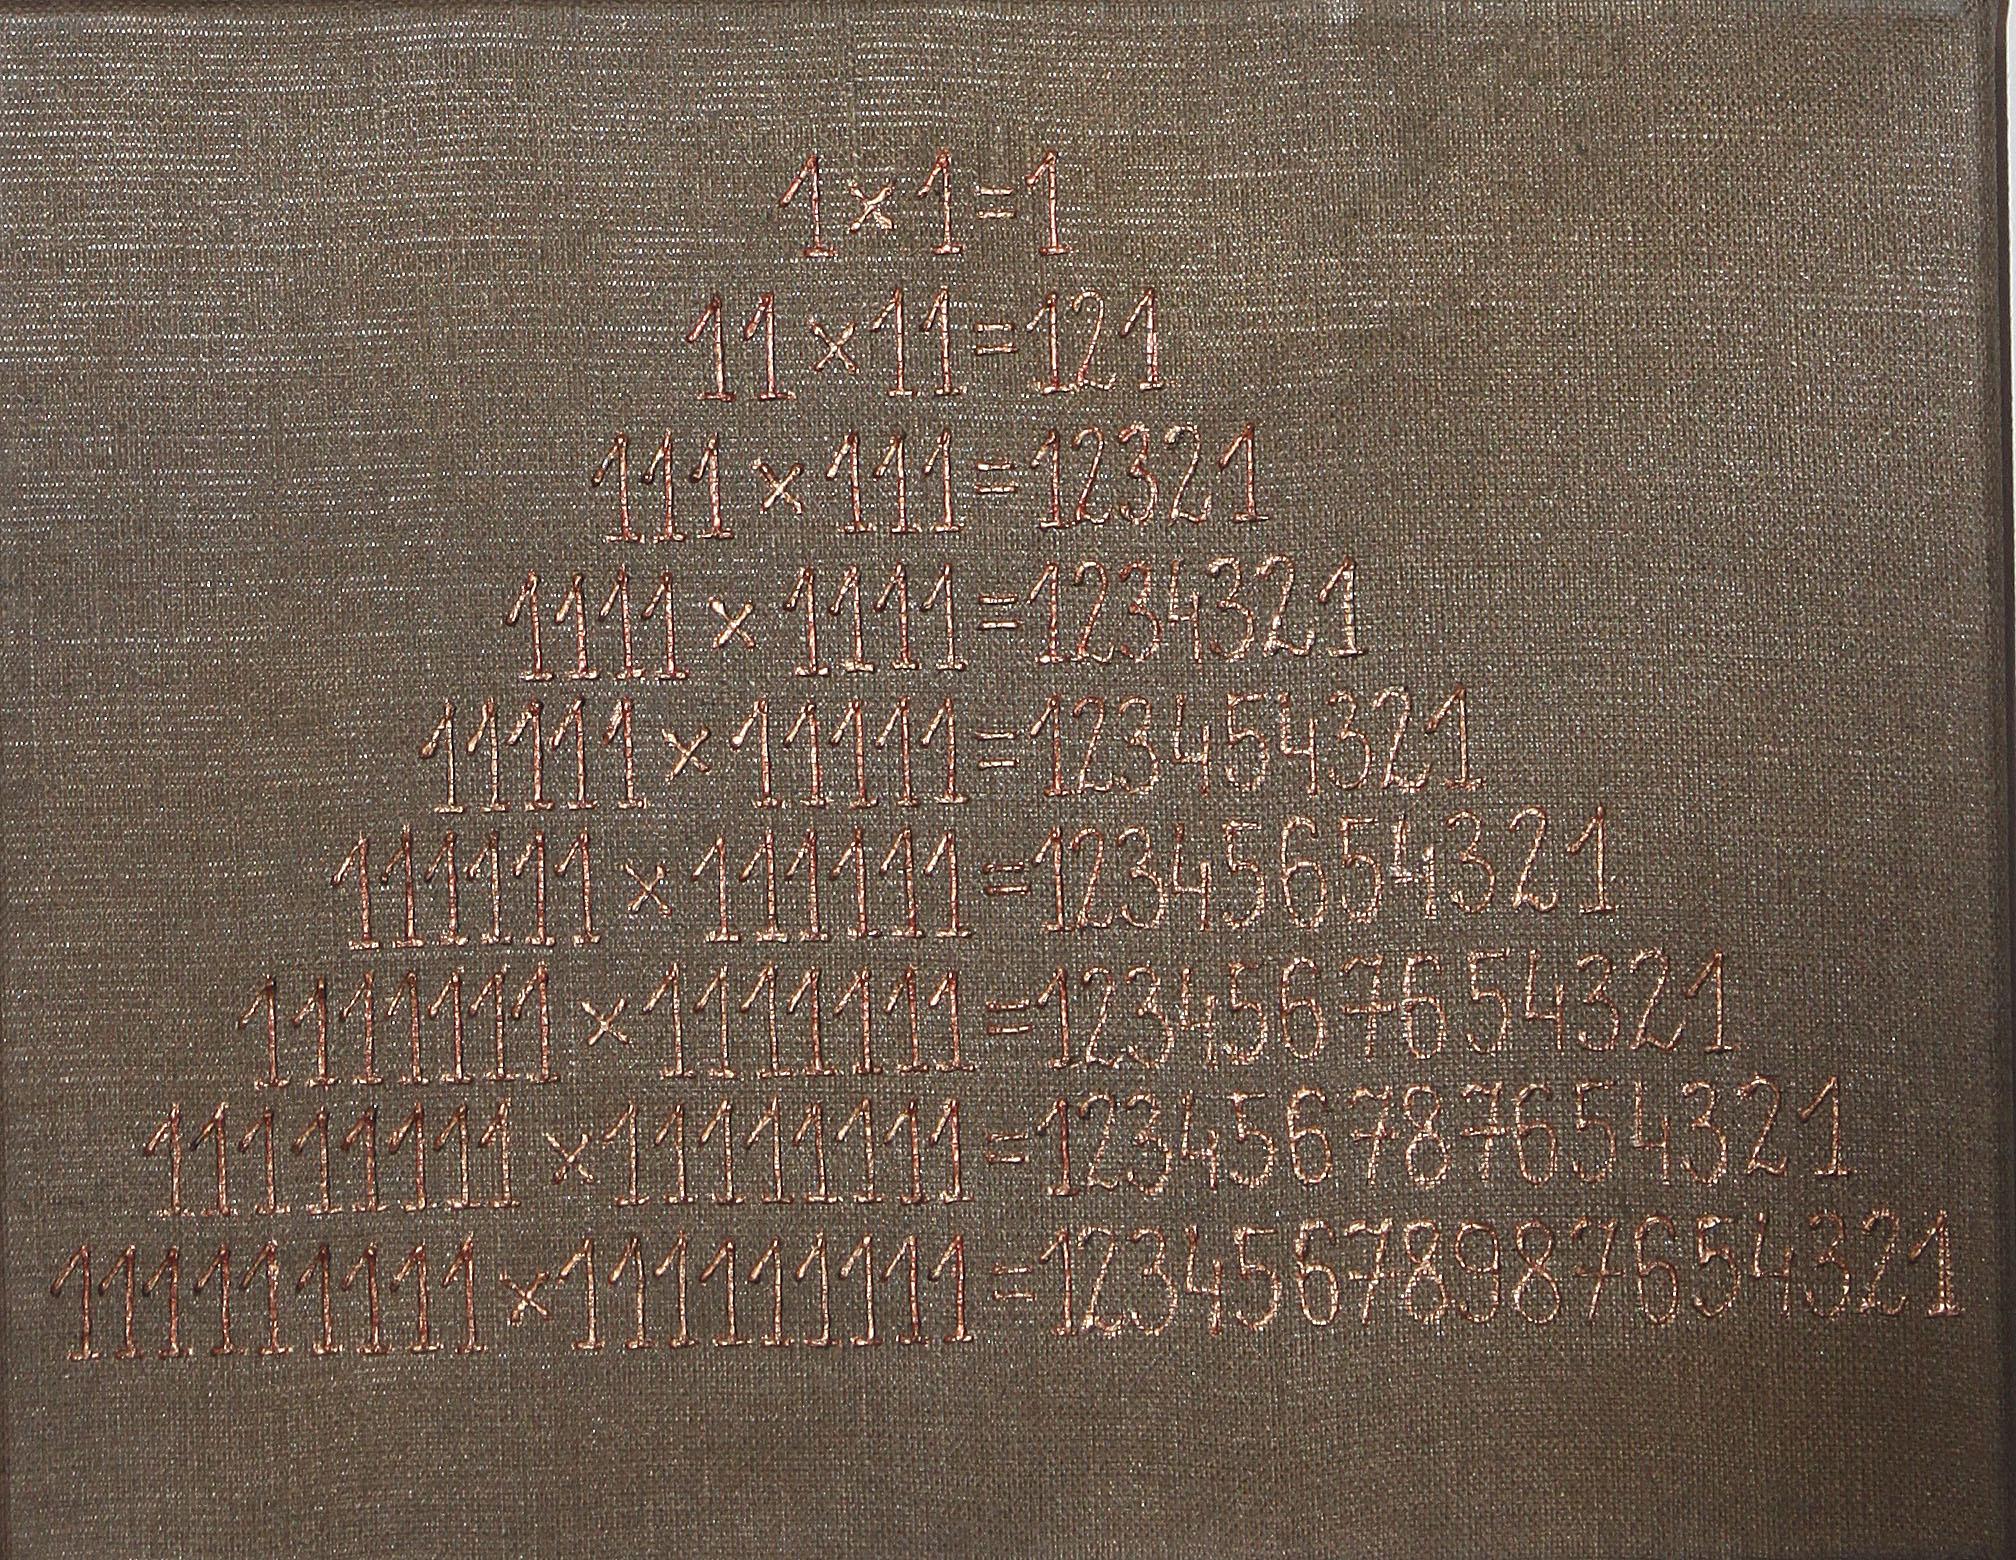 barbara frankiewicz piekno liczb (2)